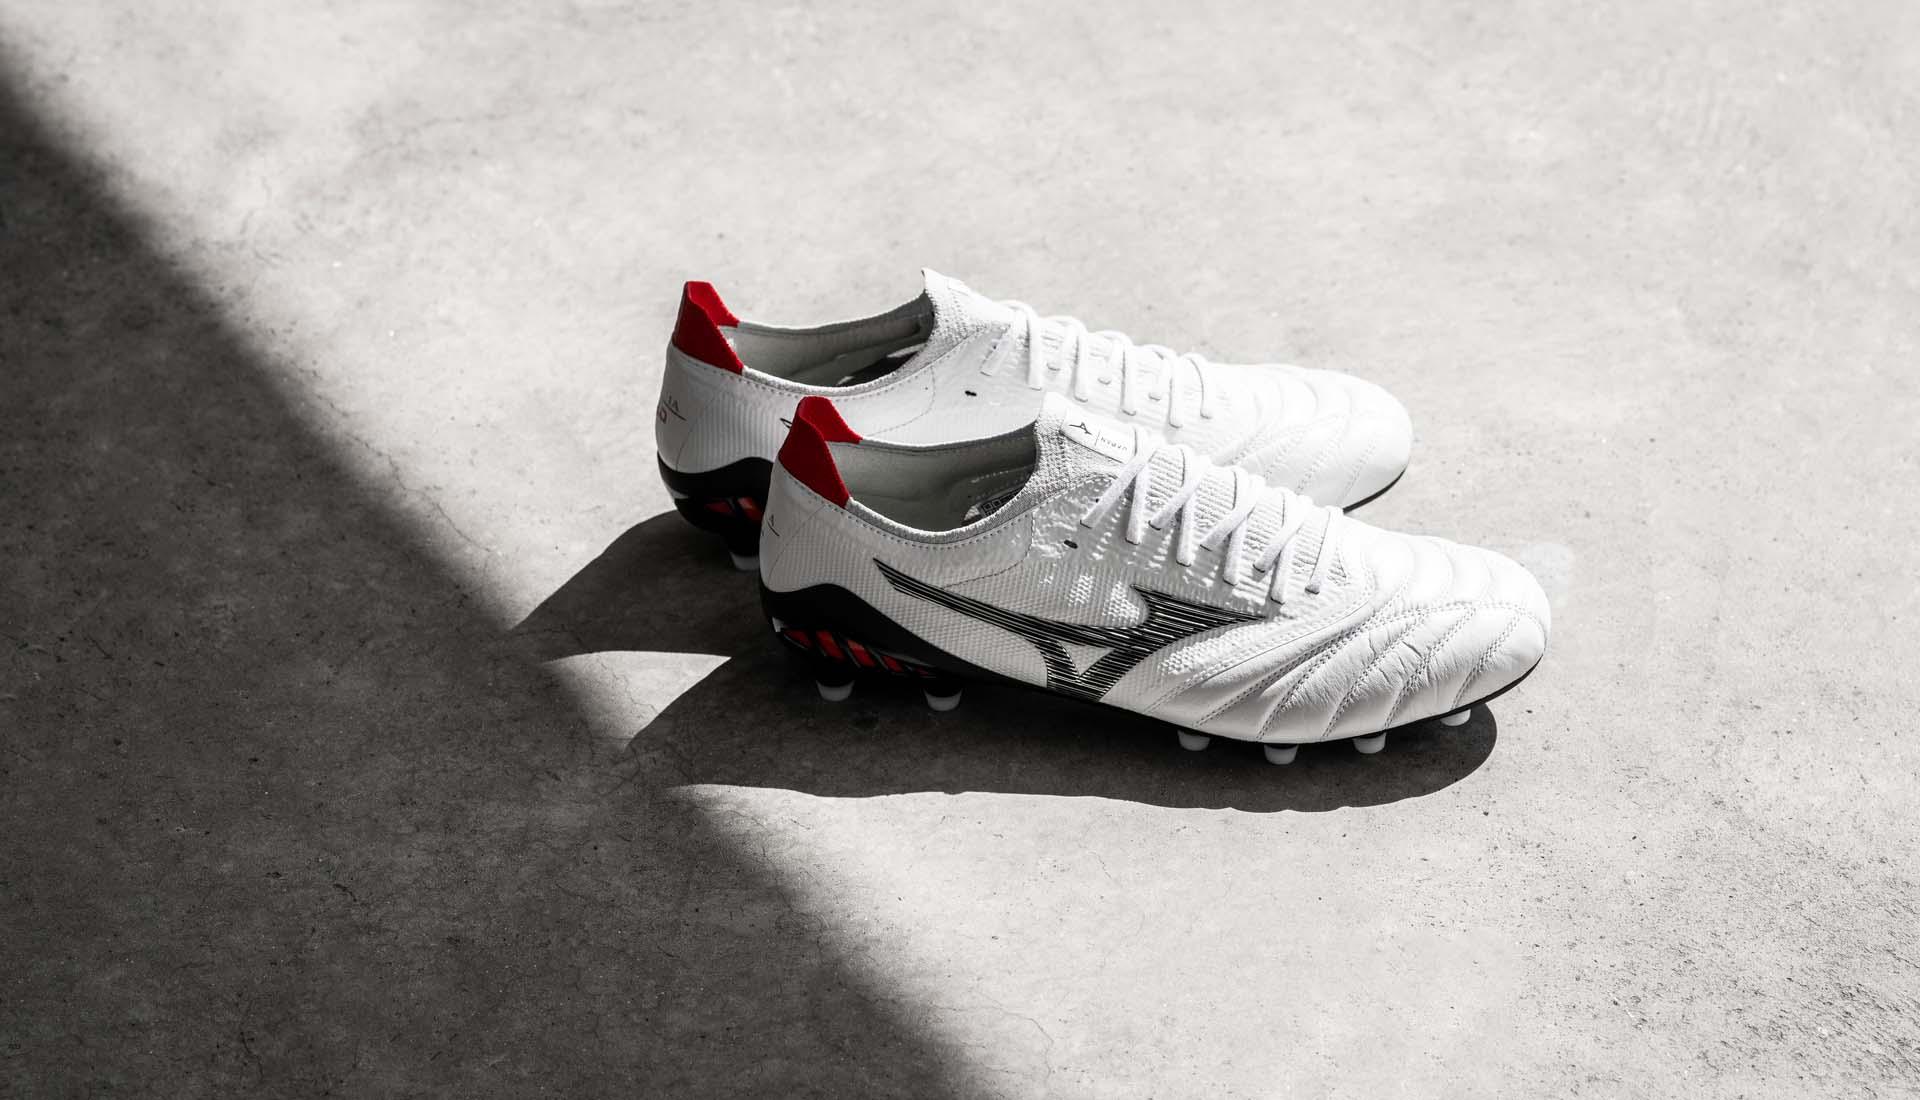 Giày bóng đá Mizuno Morelia Neo III β với lưỡi gà cổ thun vải cực kỳ chất